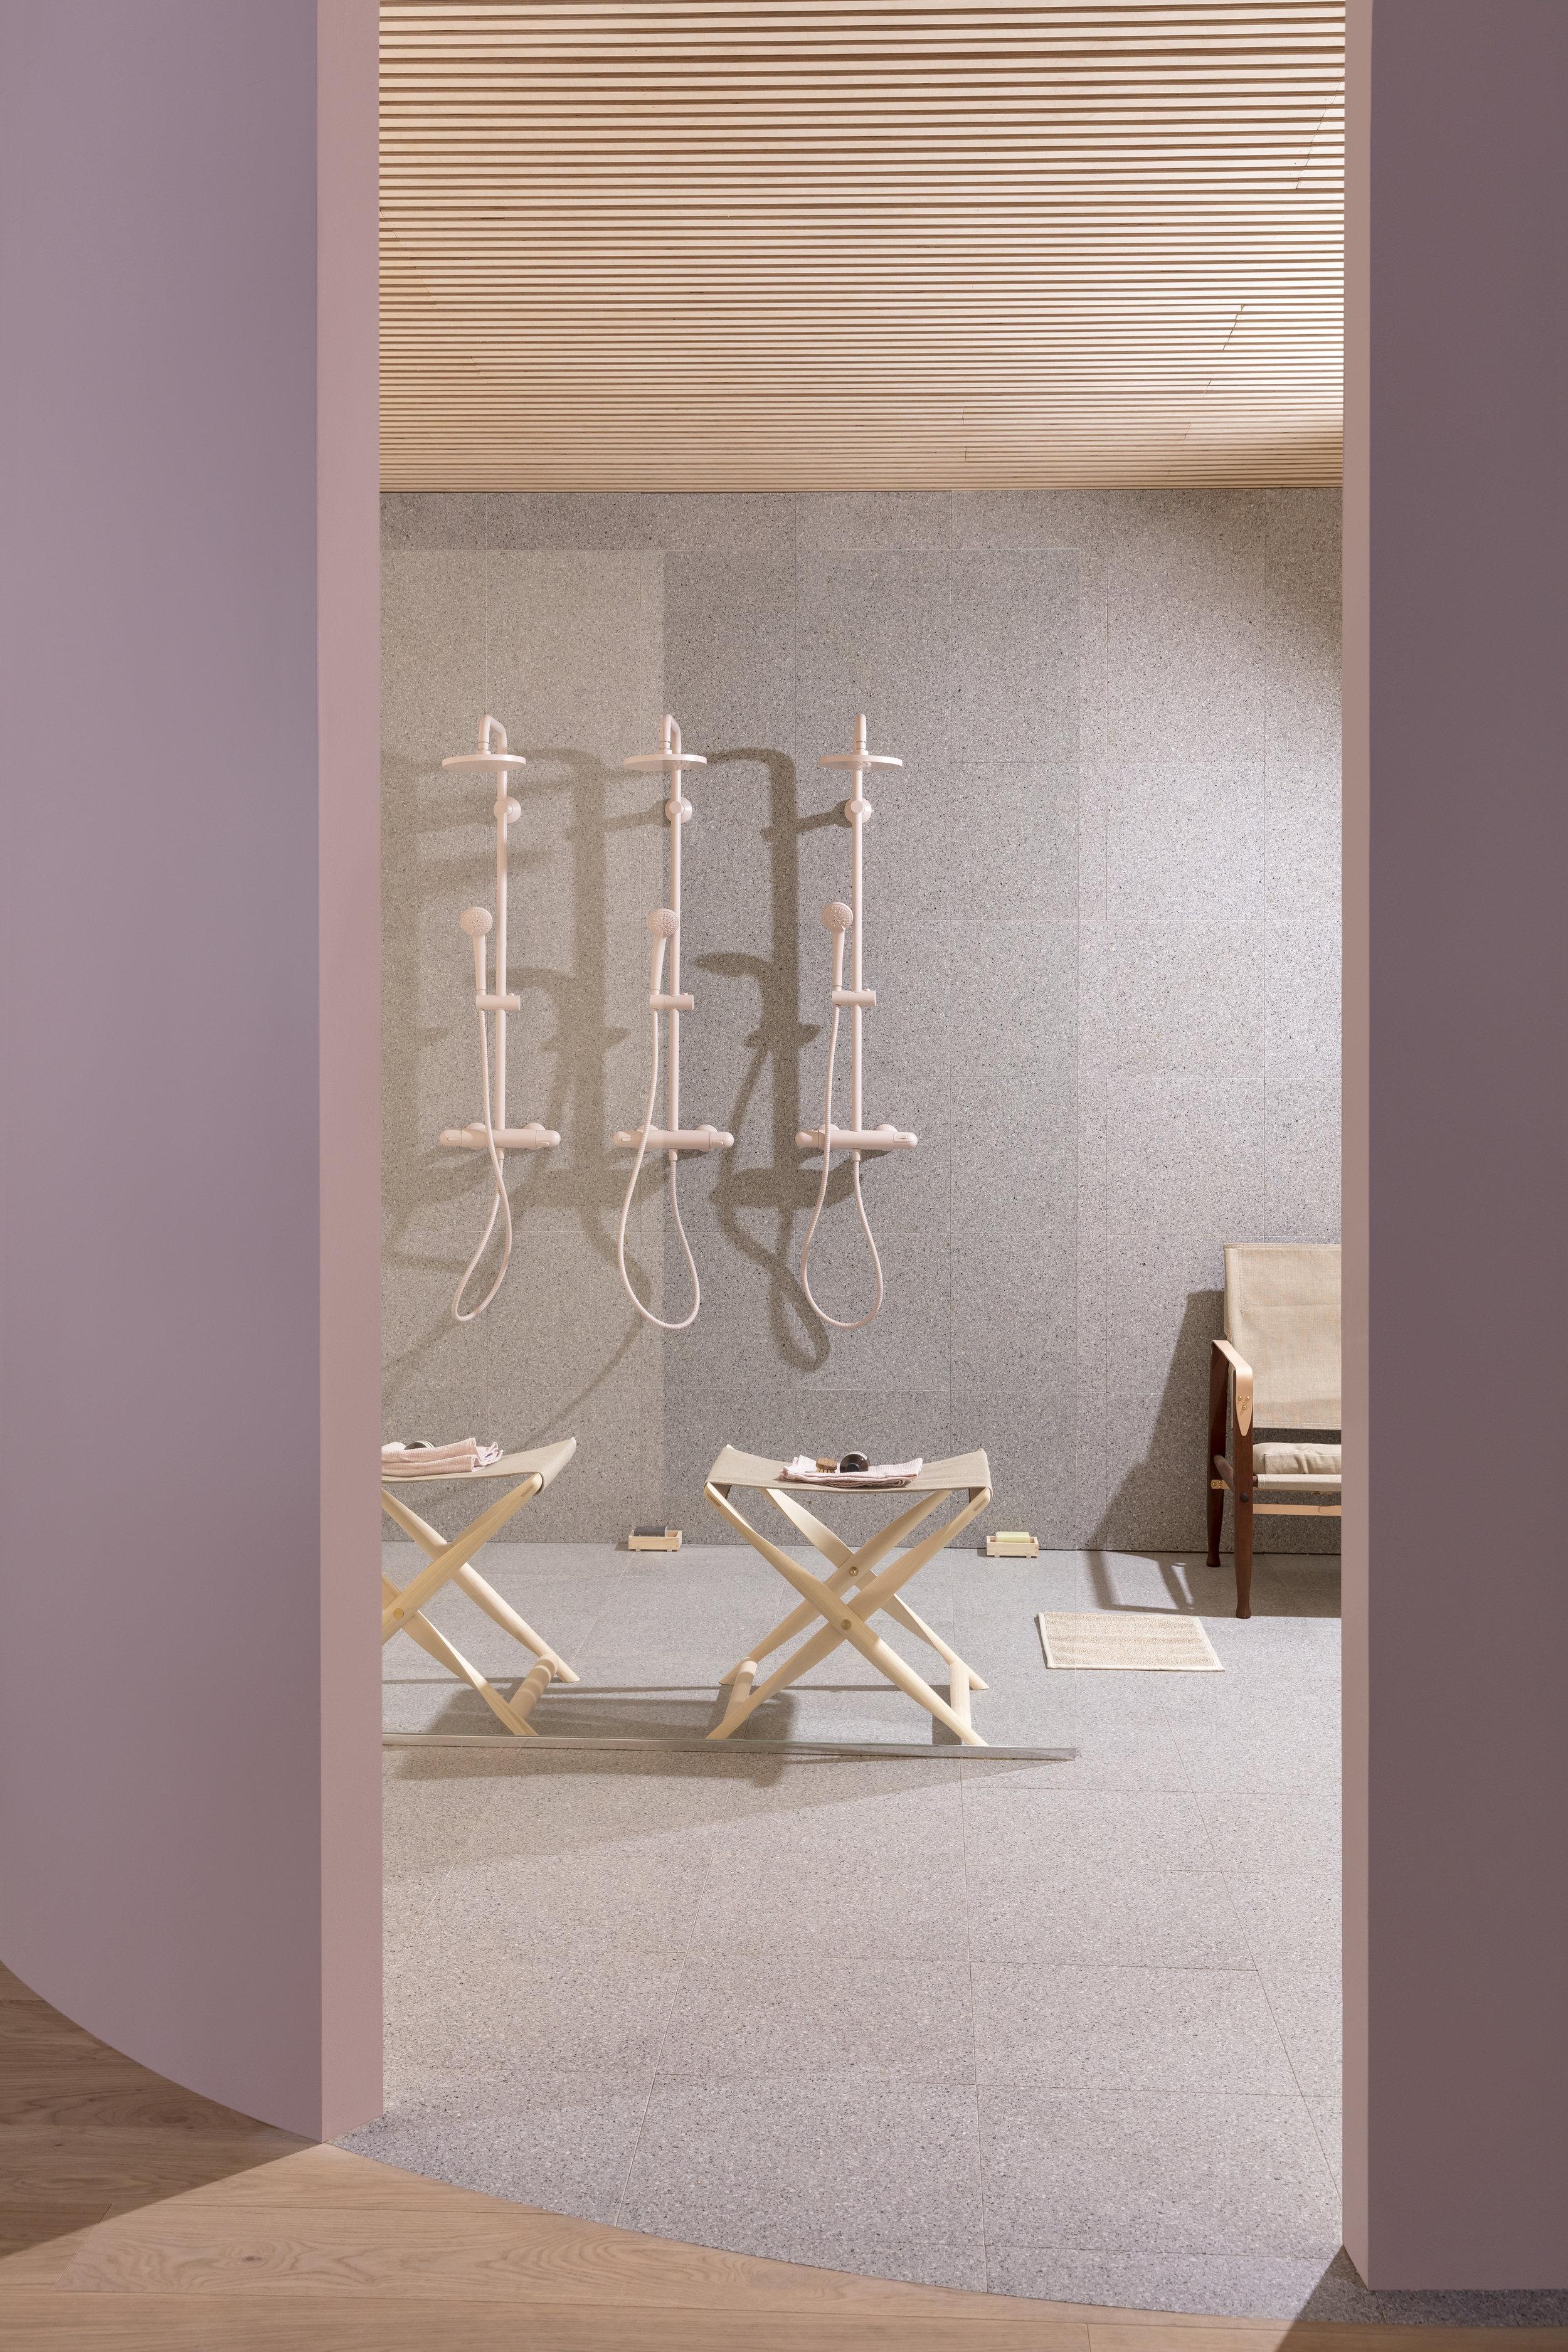 Footrest &stools -